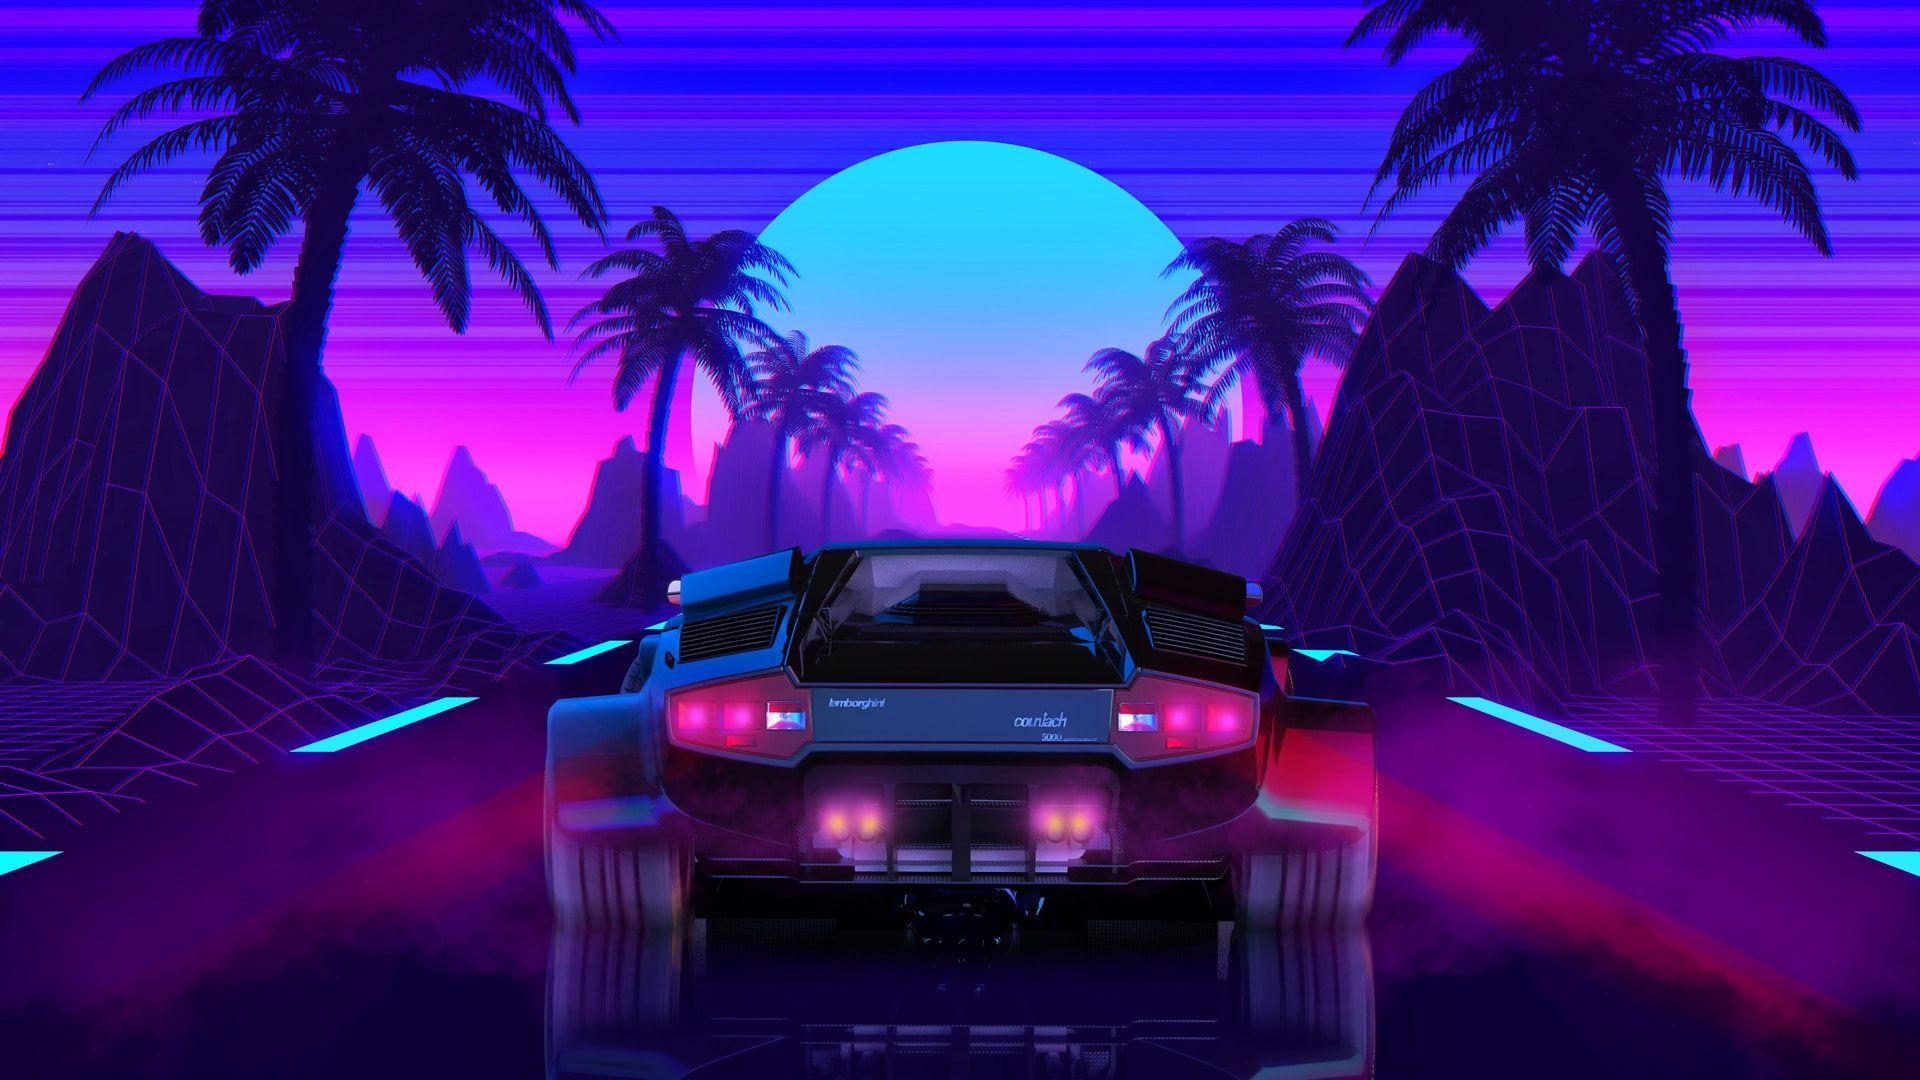 The Sun Lamborghini Background 80s Neon Countach Lamborghini Countach 80 S Synth Retrowave Synthwave N Neon Wallpaper Lamborghini Lamborghini Countach